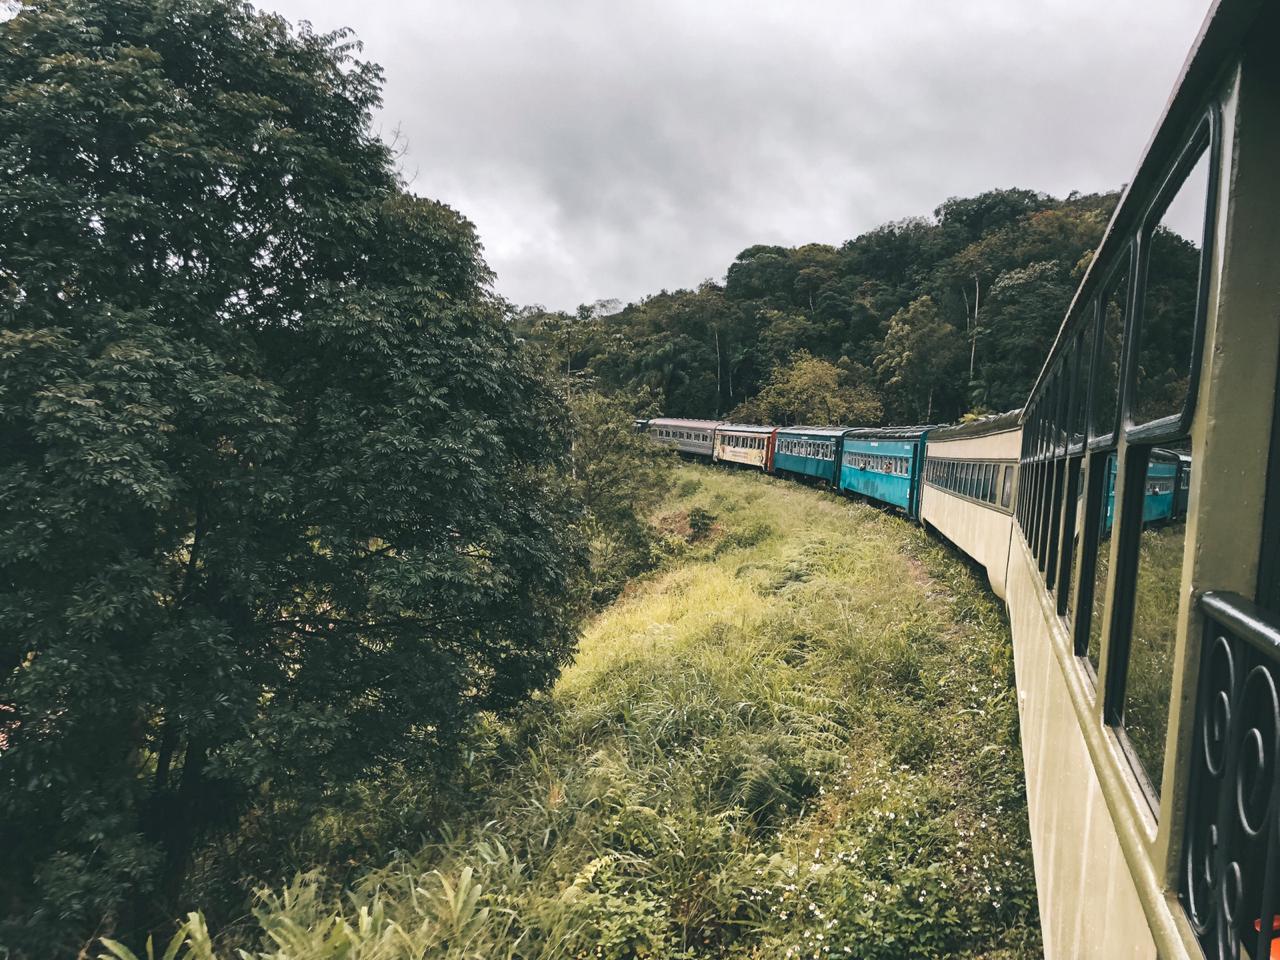 Passeio de trem para Morretes (Foto: Trip To Follow)